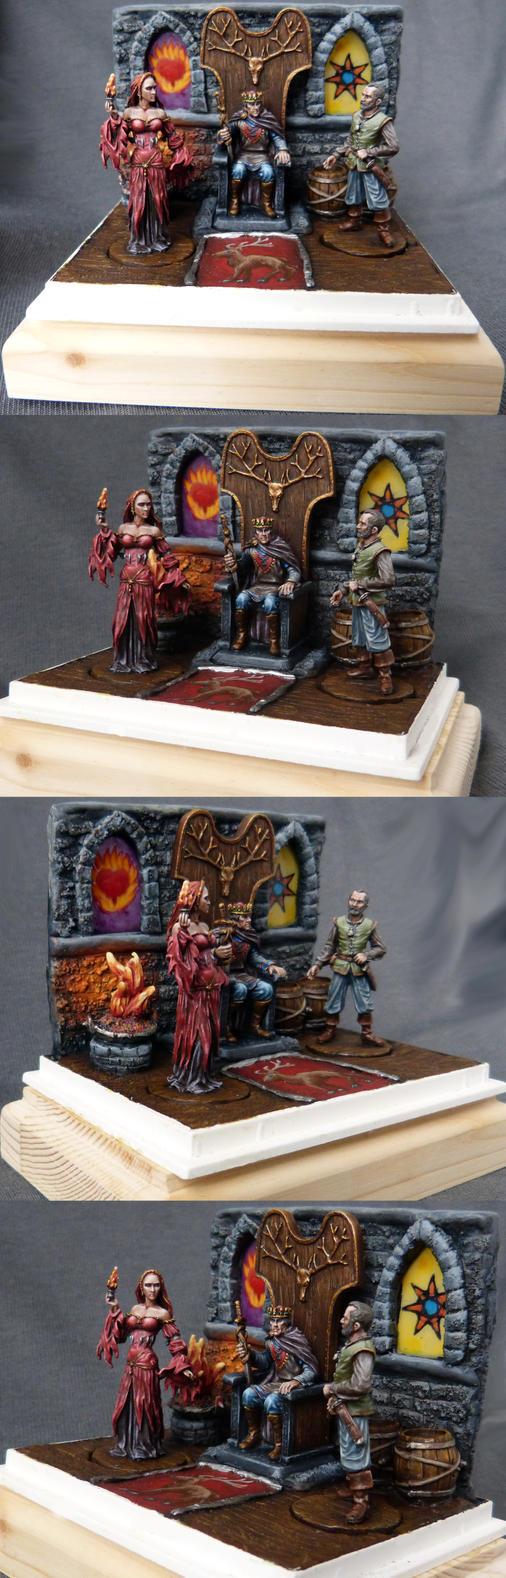 Diorama: Stannis Baratheon, Davos, Melisandre by DaOldHorse